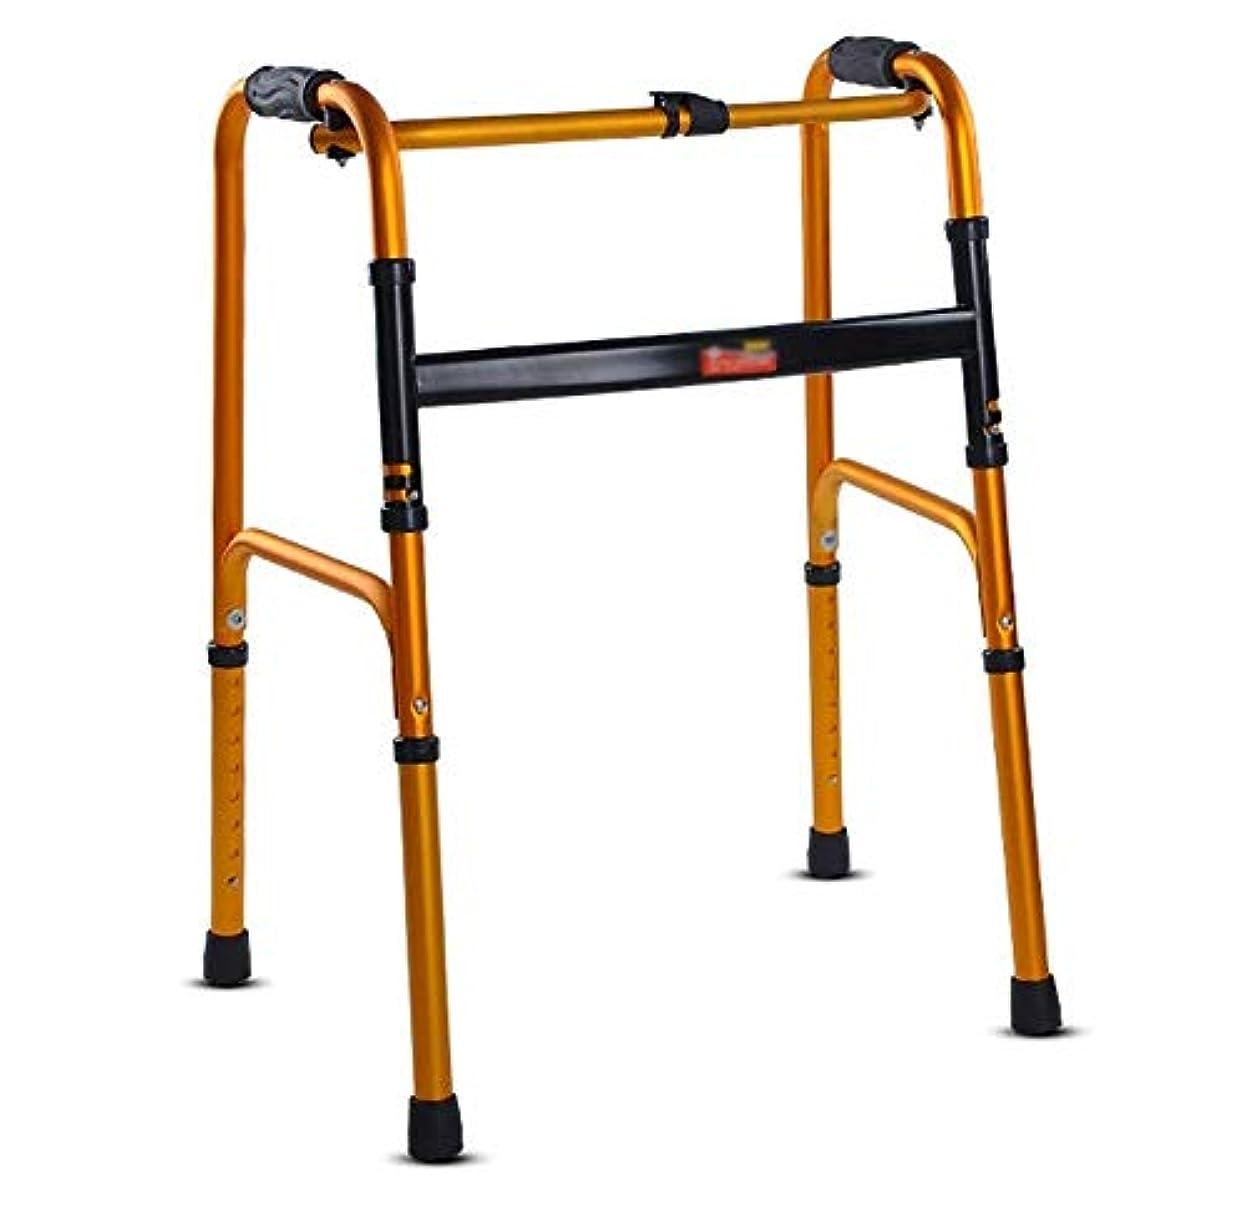 一般的に言えばシェル背の高いアルミ合金の折る古い歩行者、調節可能な高さの4本足の杖屋外の浴室の使用 (Color : Bronze)